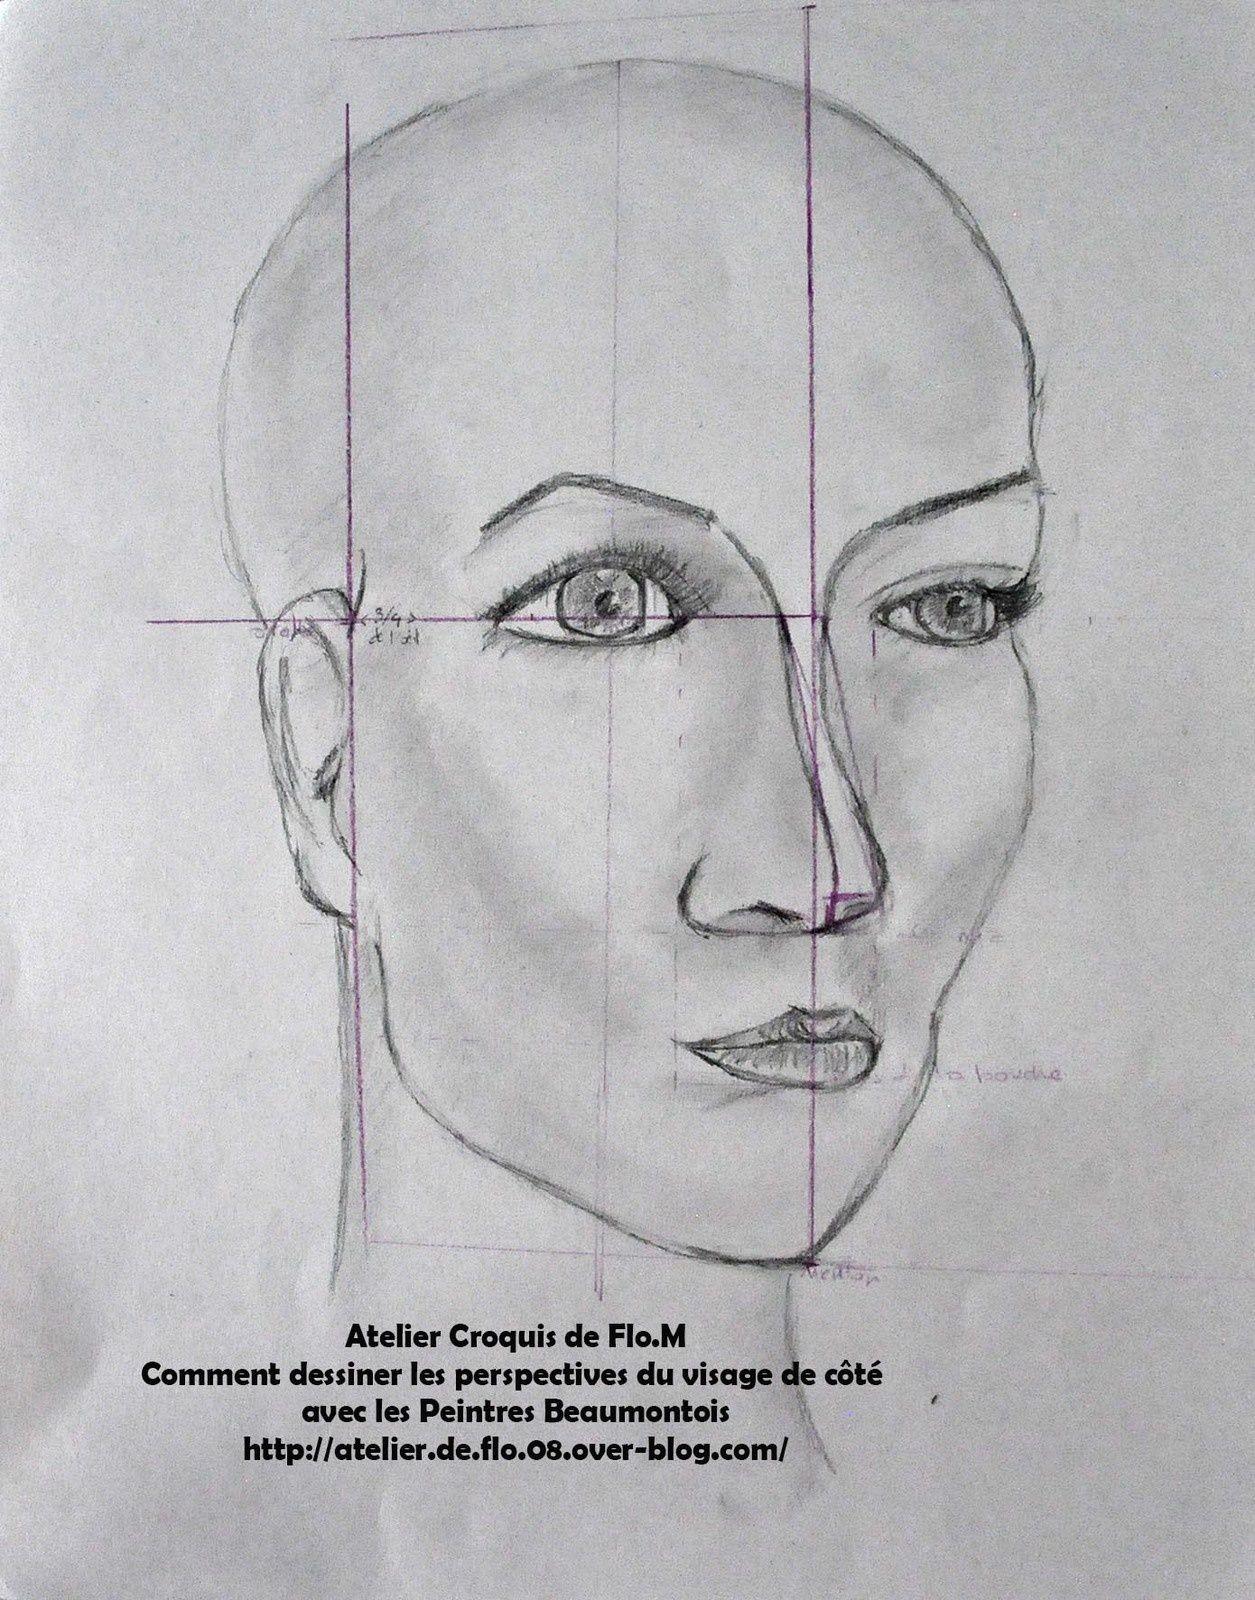 Dessiner Un Visage De 3 4 L Atelier De Flo M Dessin Dessin Visage Yeux Dessin